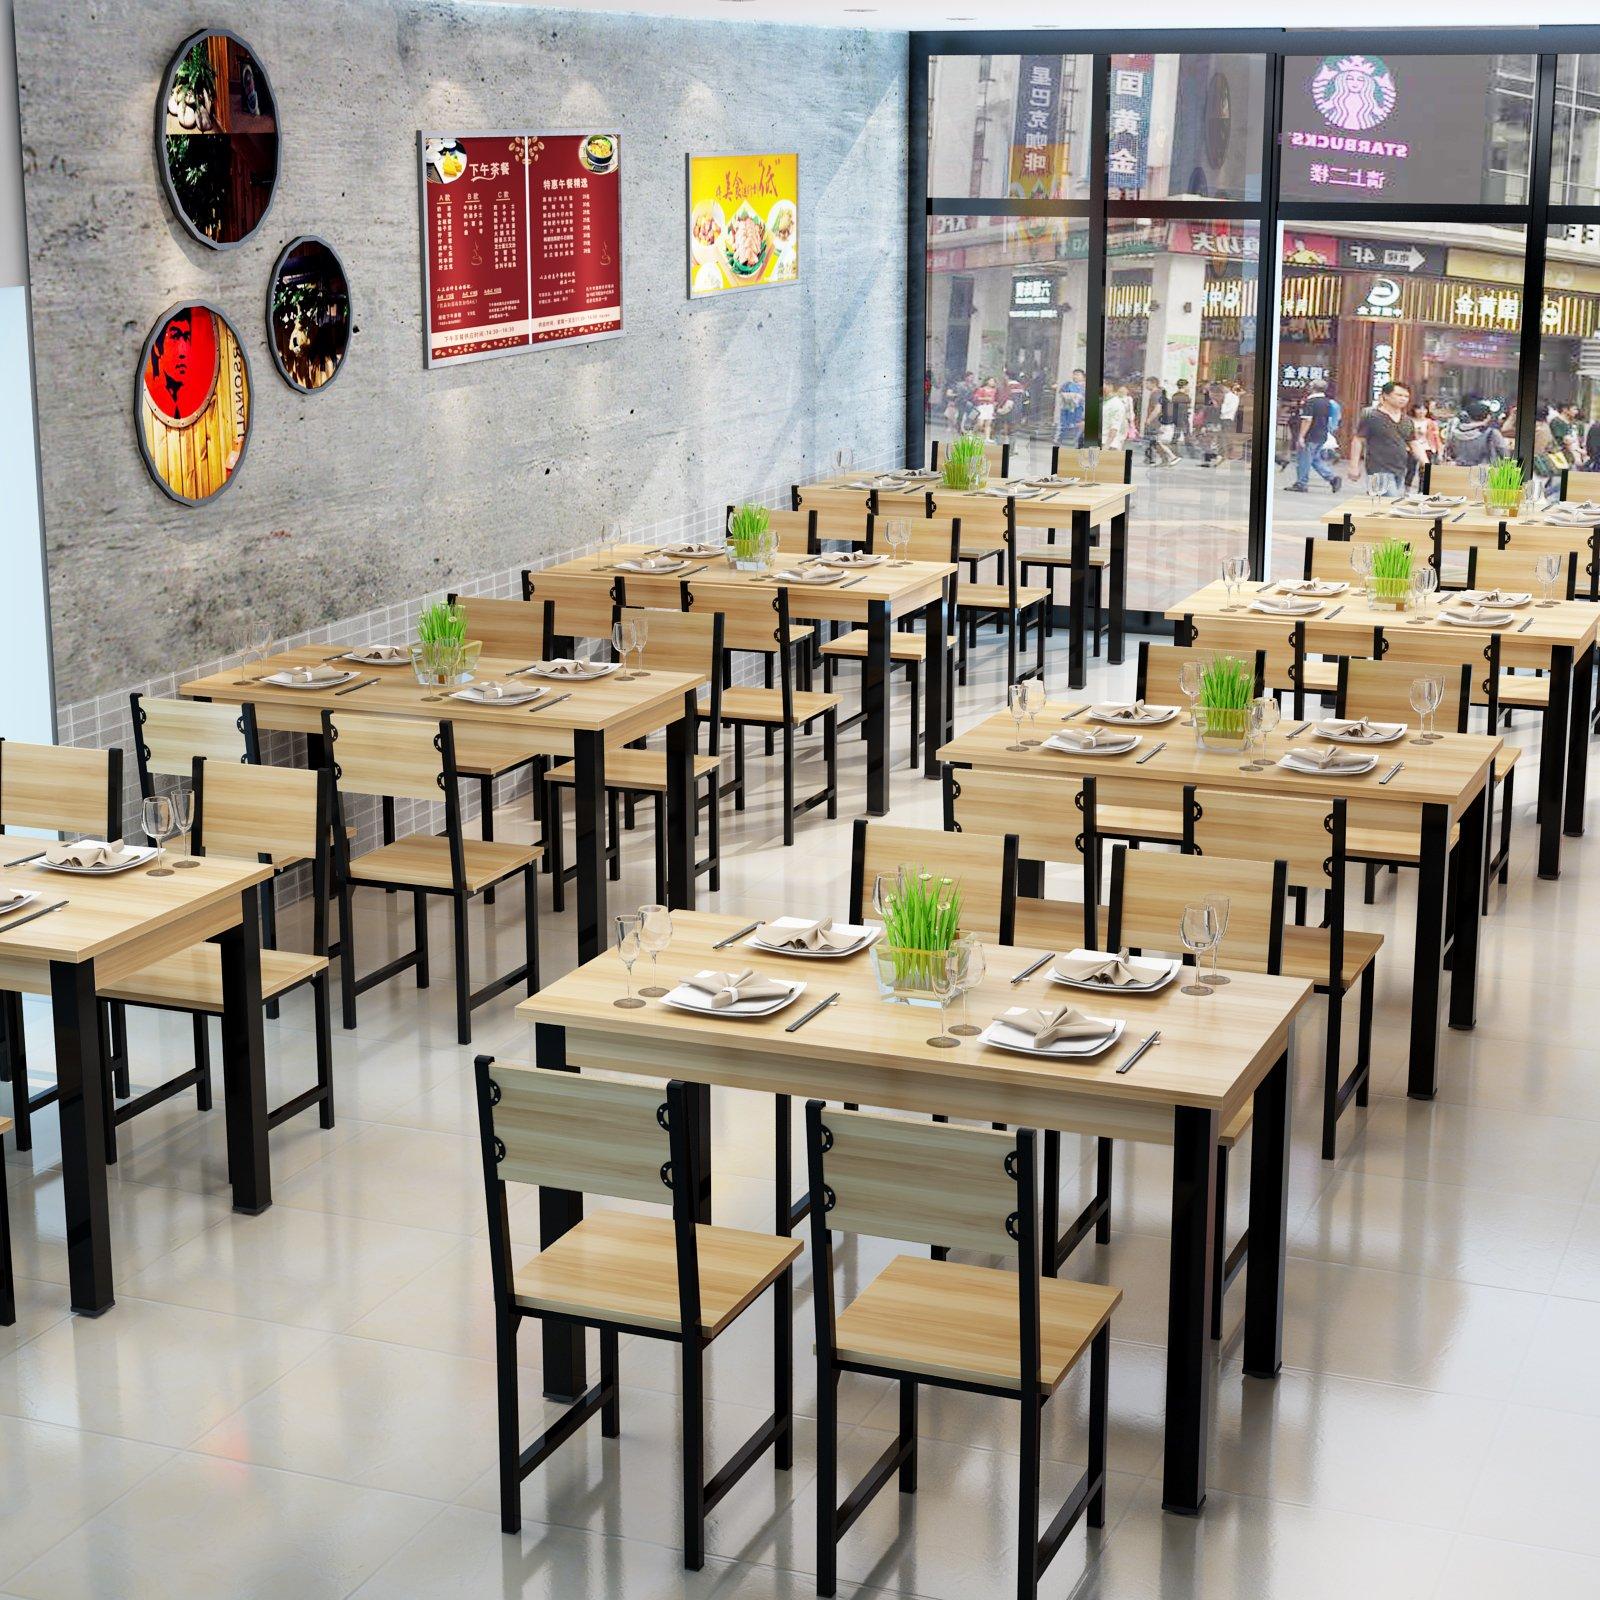 快餐厅面馆饭店餐馆早